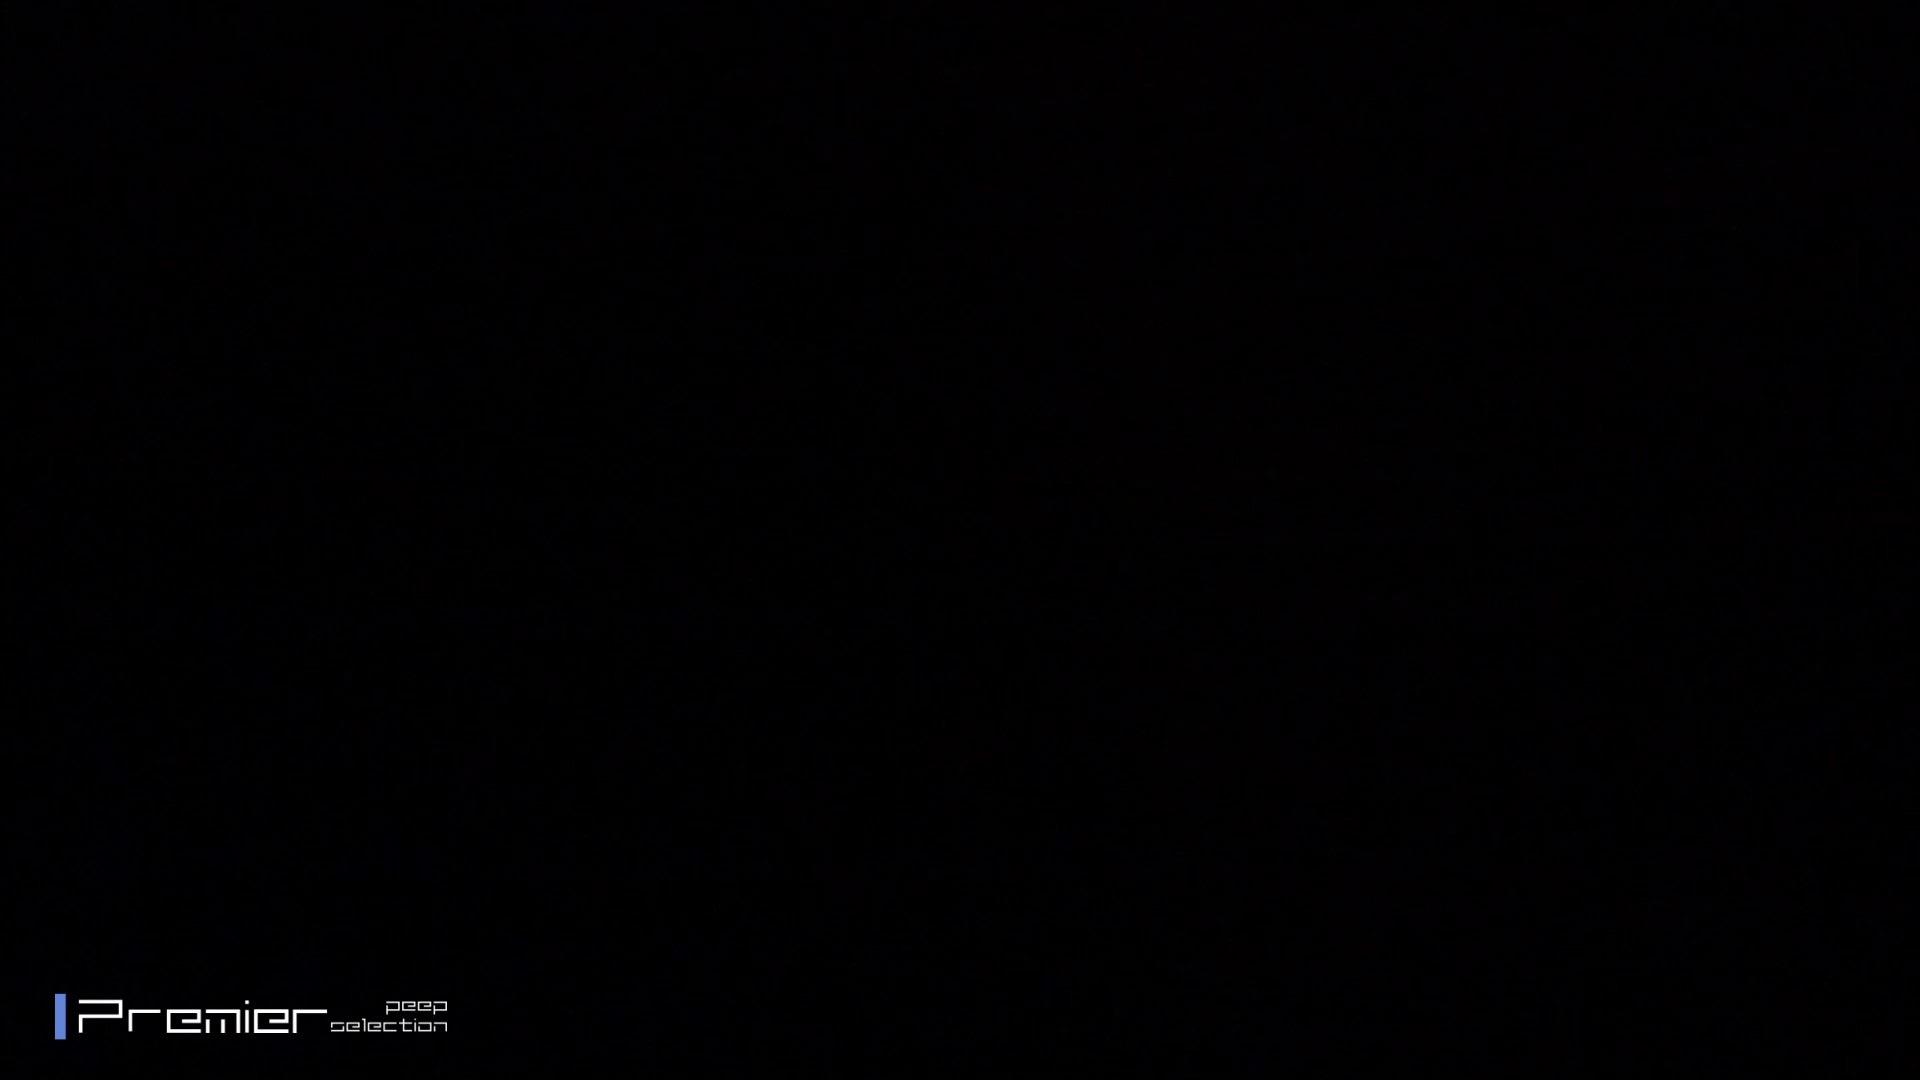 シャワーのお湯を跳ね返すお肌 乙女の風呂場 Vol.03 美しいモデル 盗み撮り動画キャプチャ 98連発 29